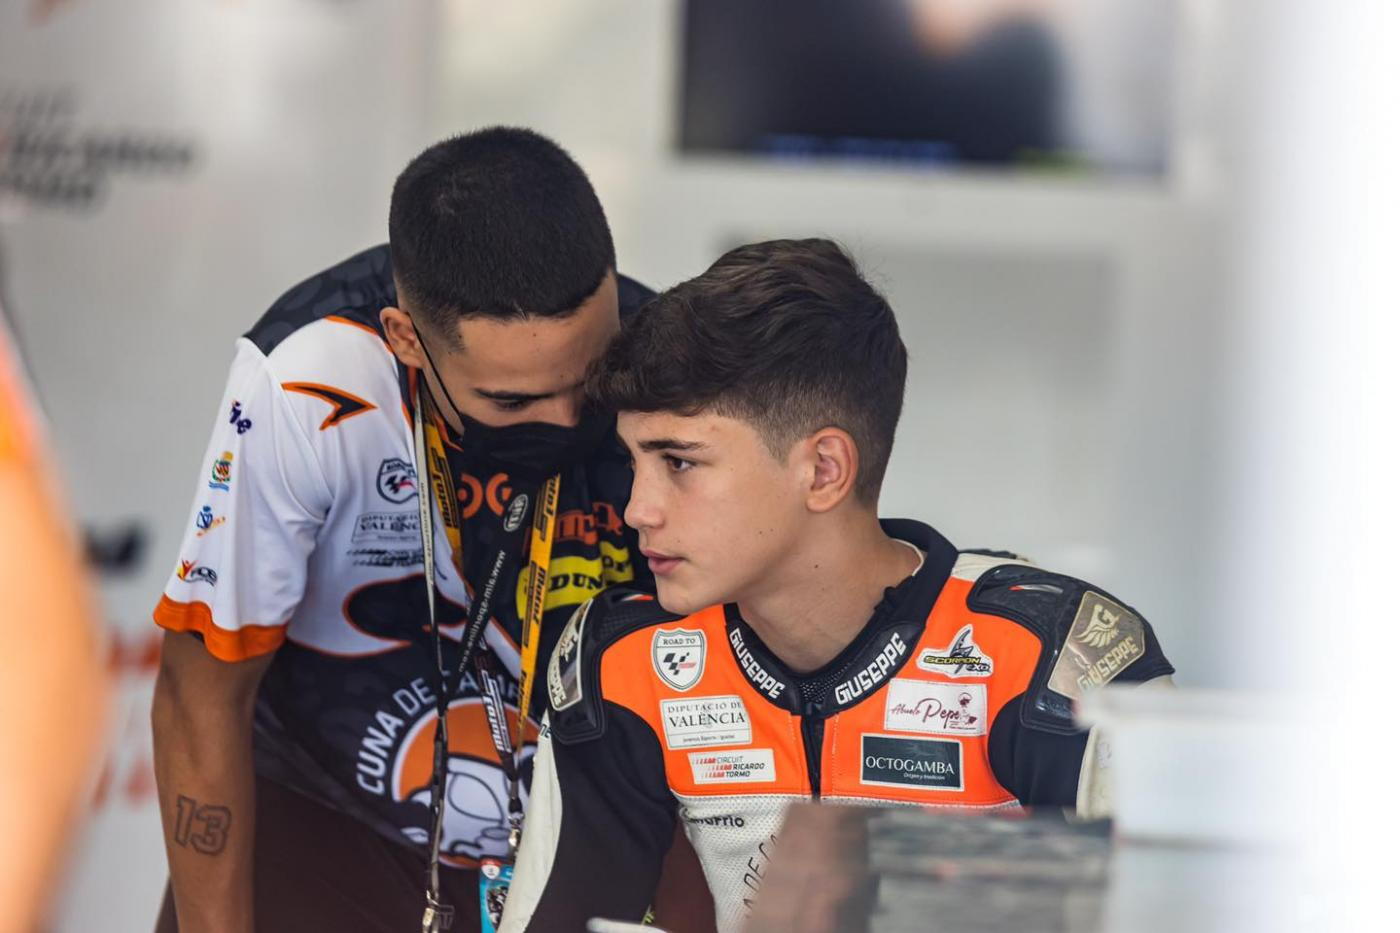 Fallece el piloto onubense Hugo Millán, de 14 años, en un accidente en MotorLand